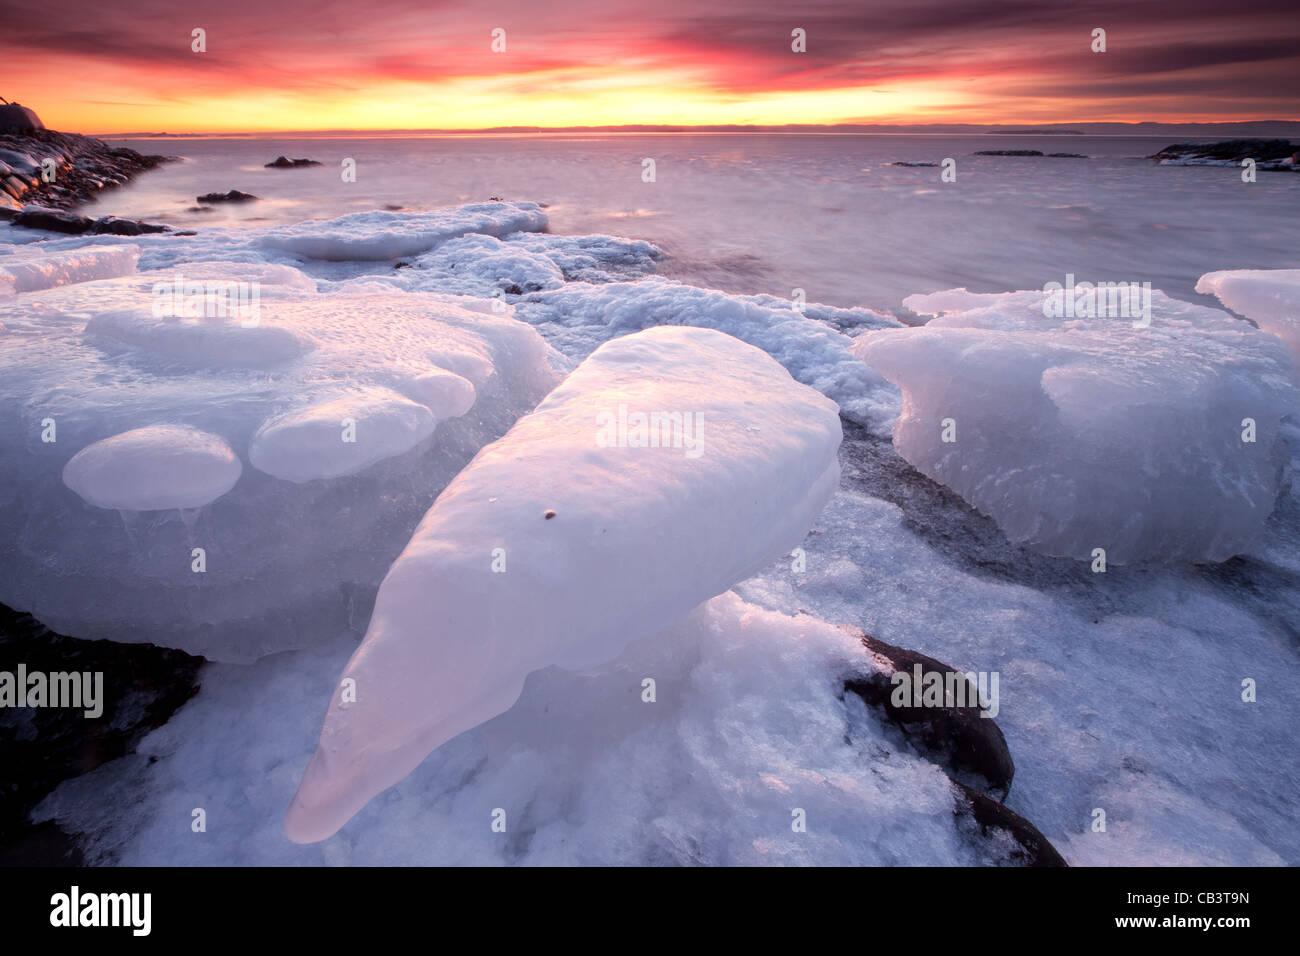 Serata colorata e formazioni di ghiaccio a Nes sull'isola Jeløy in Moss kommune, Østfold fylke, Norvegia. Immagini Stock